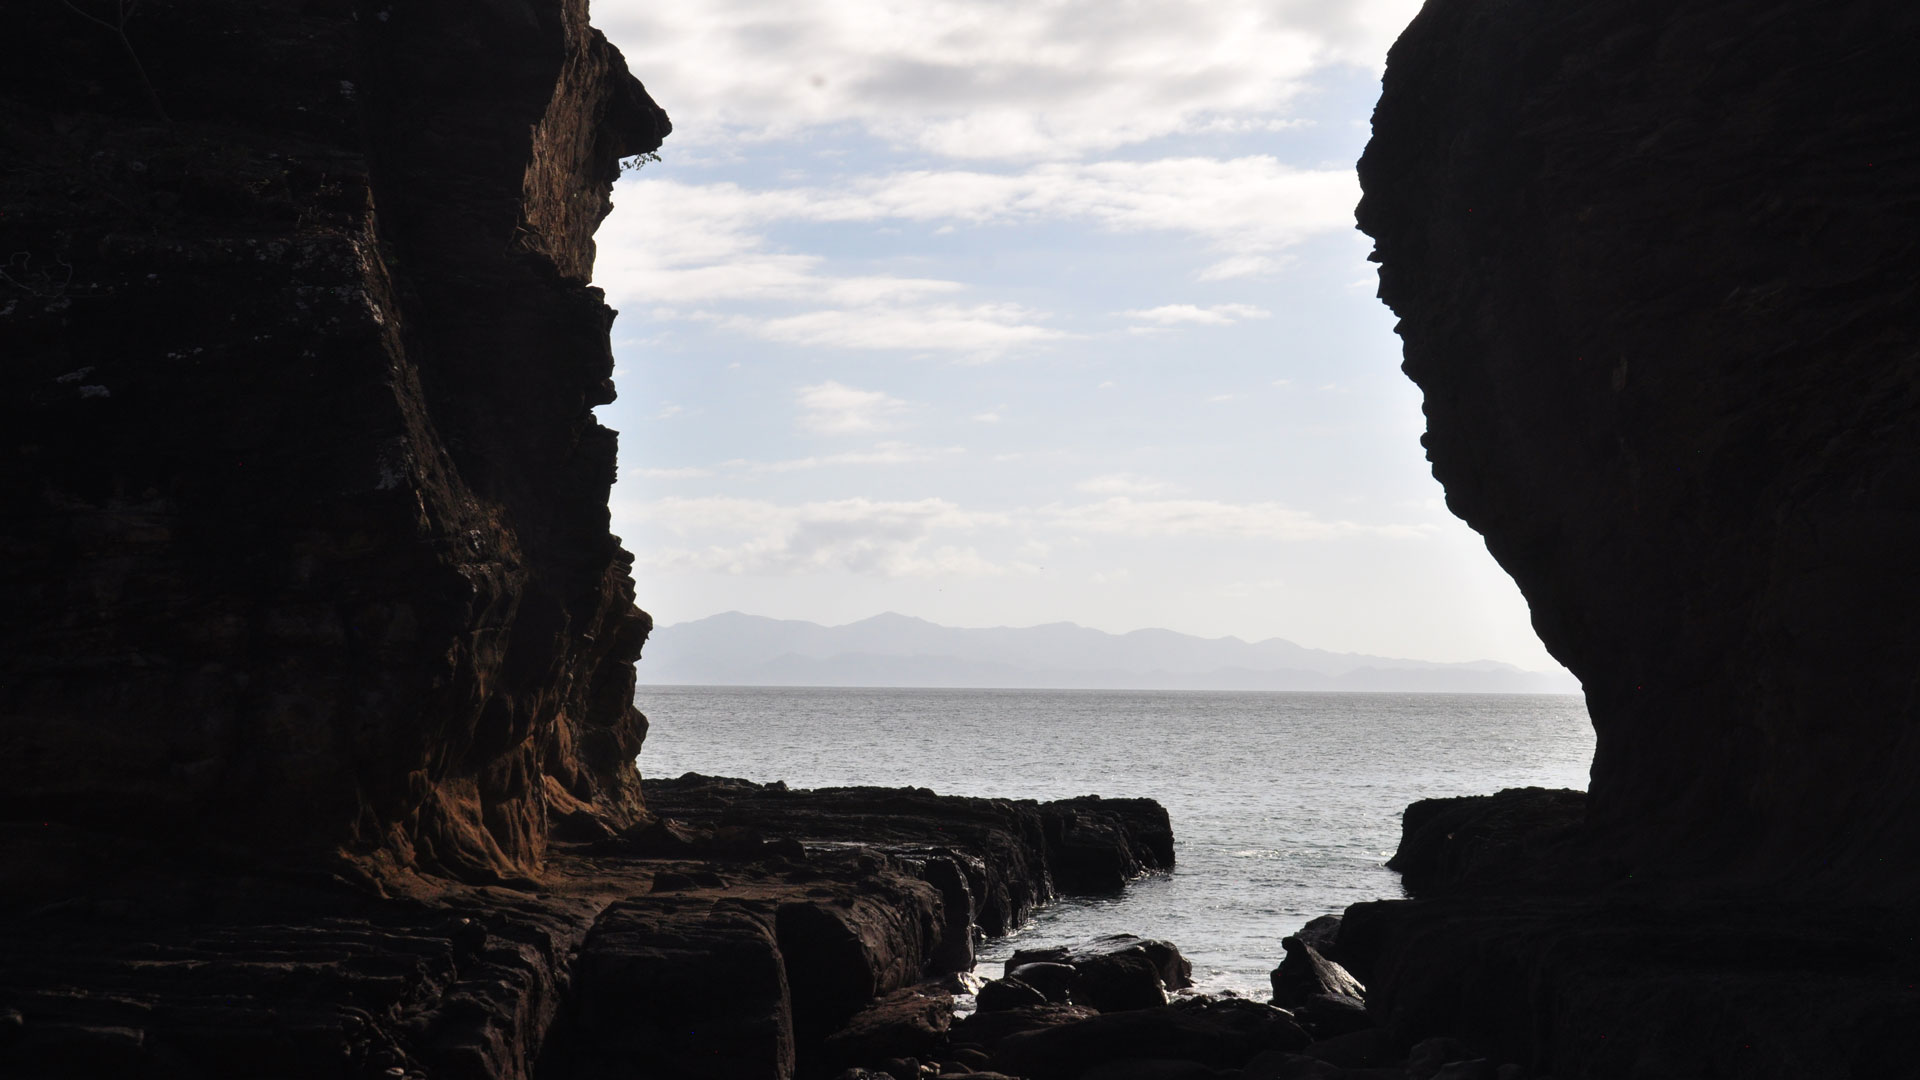 El mar ha formado cañones en la roca que emerge del lecho marino.